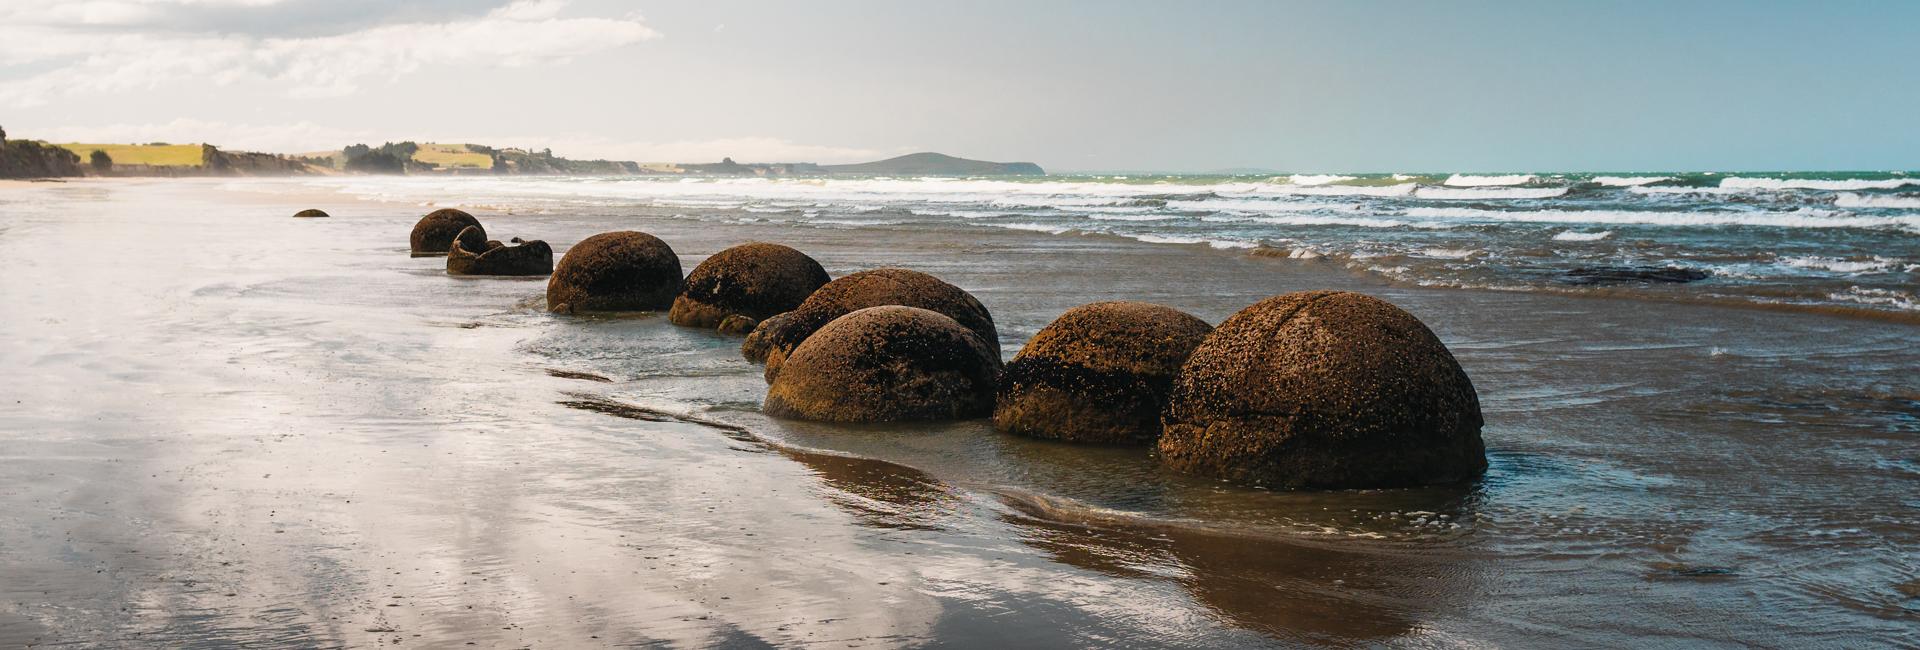 Otago Coast - Moeraki Boulders Beach